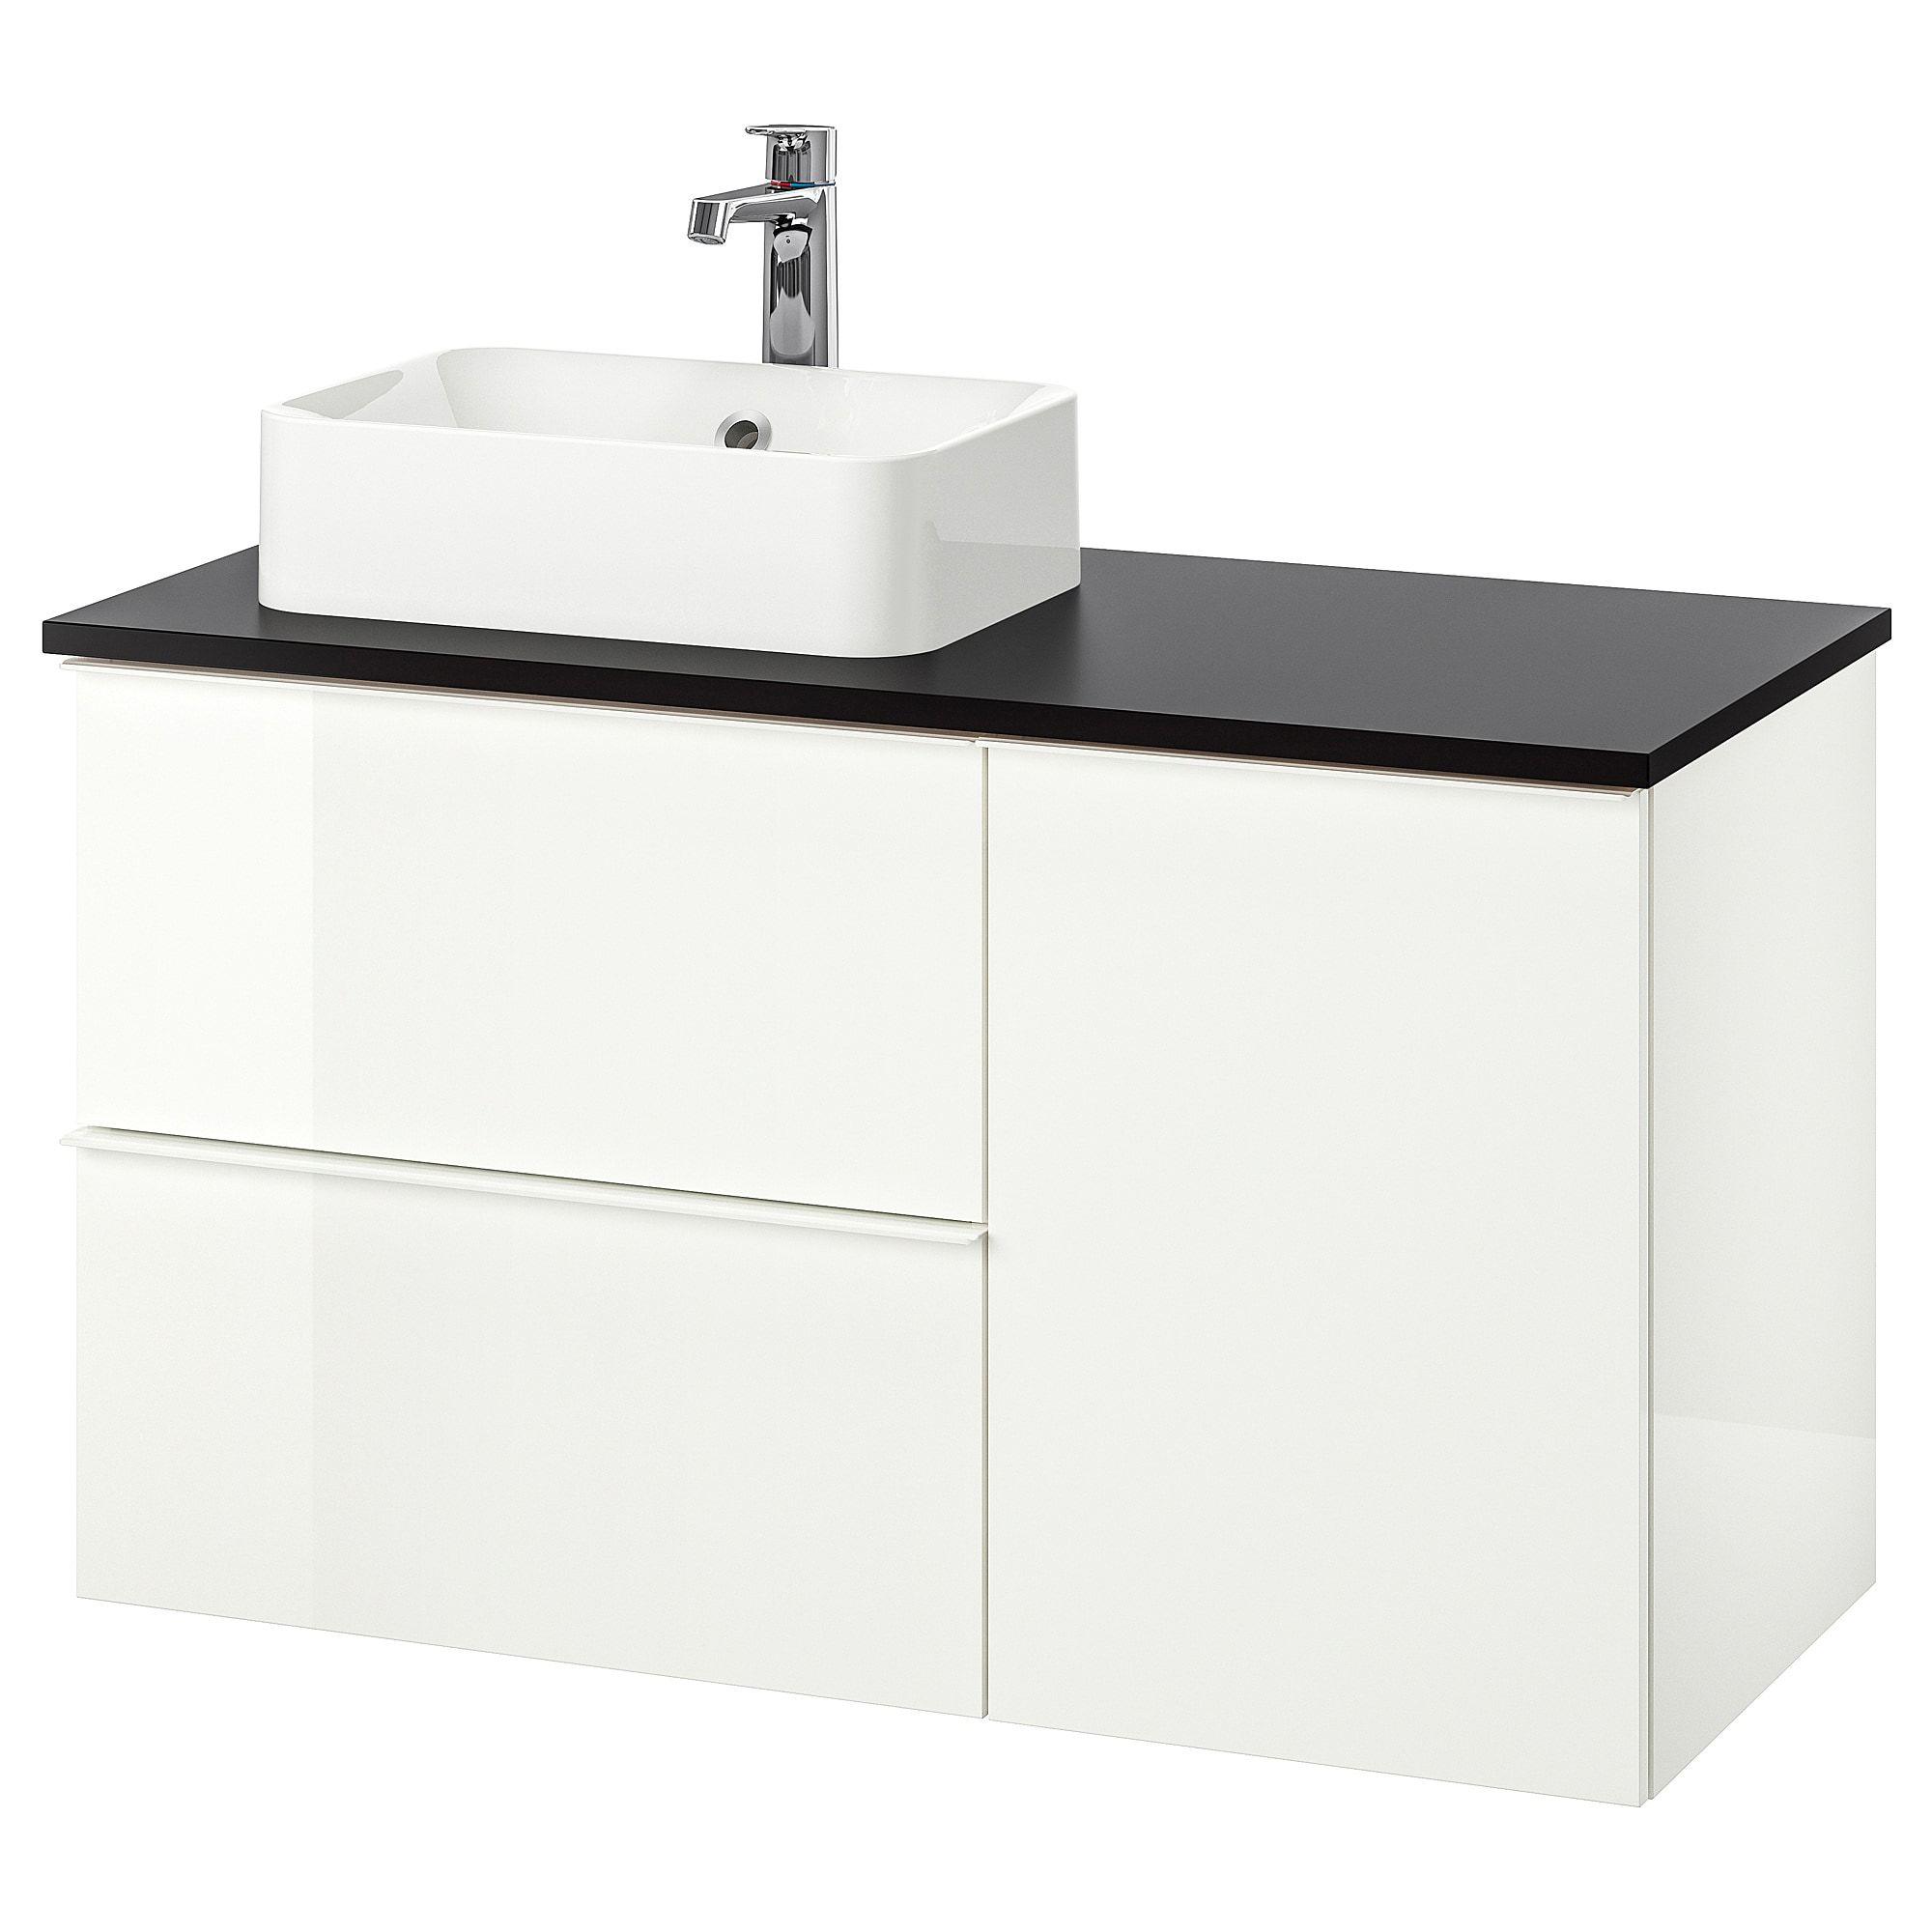 Doppelwaschtisch 160 Cm Badmobel Set Mit Unterschrank Spiegelschrank Spiegelschrank Unterschrank Doppelwaschtisch